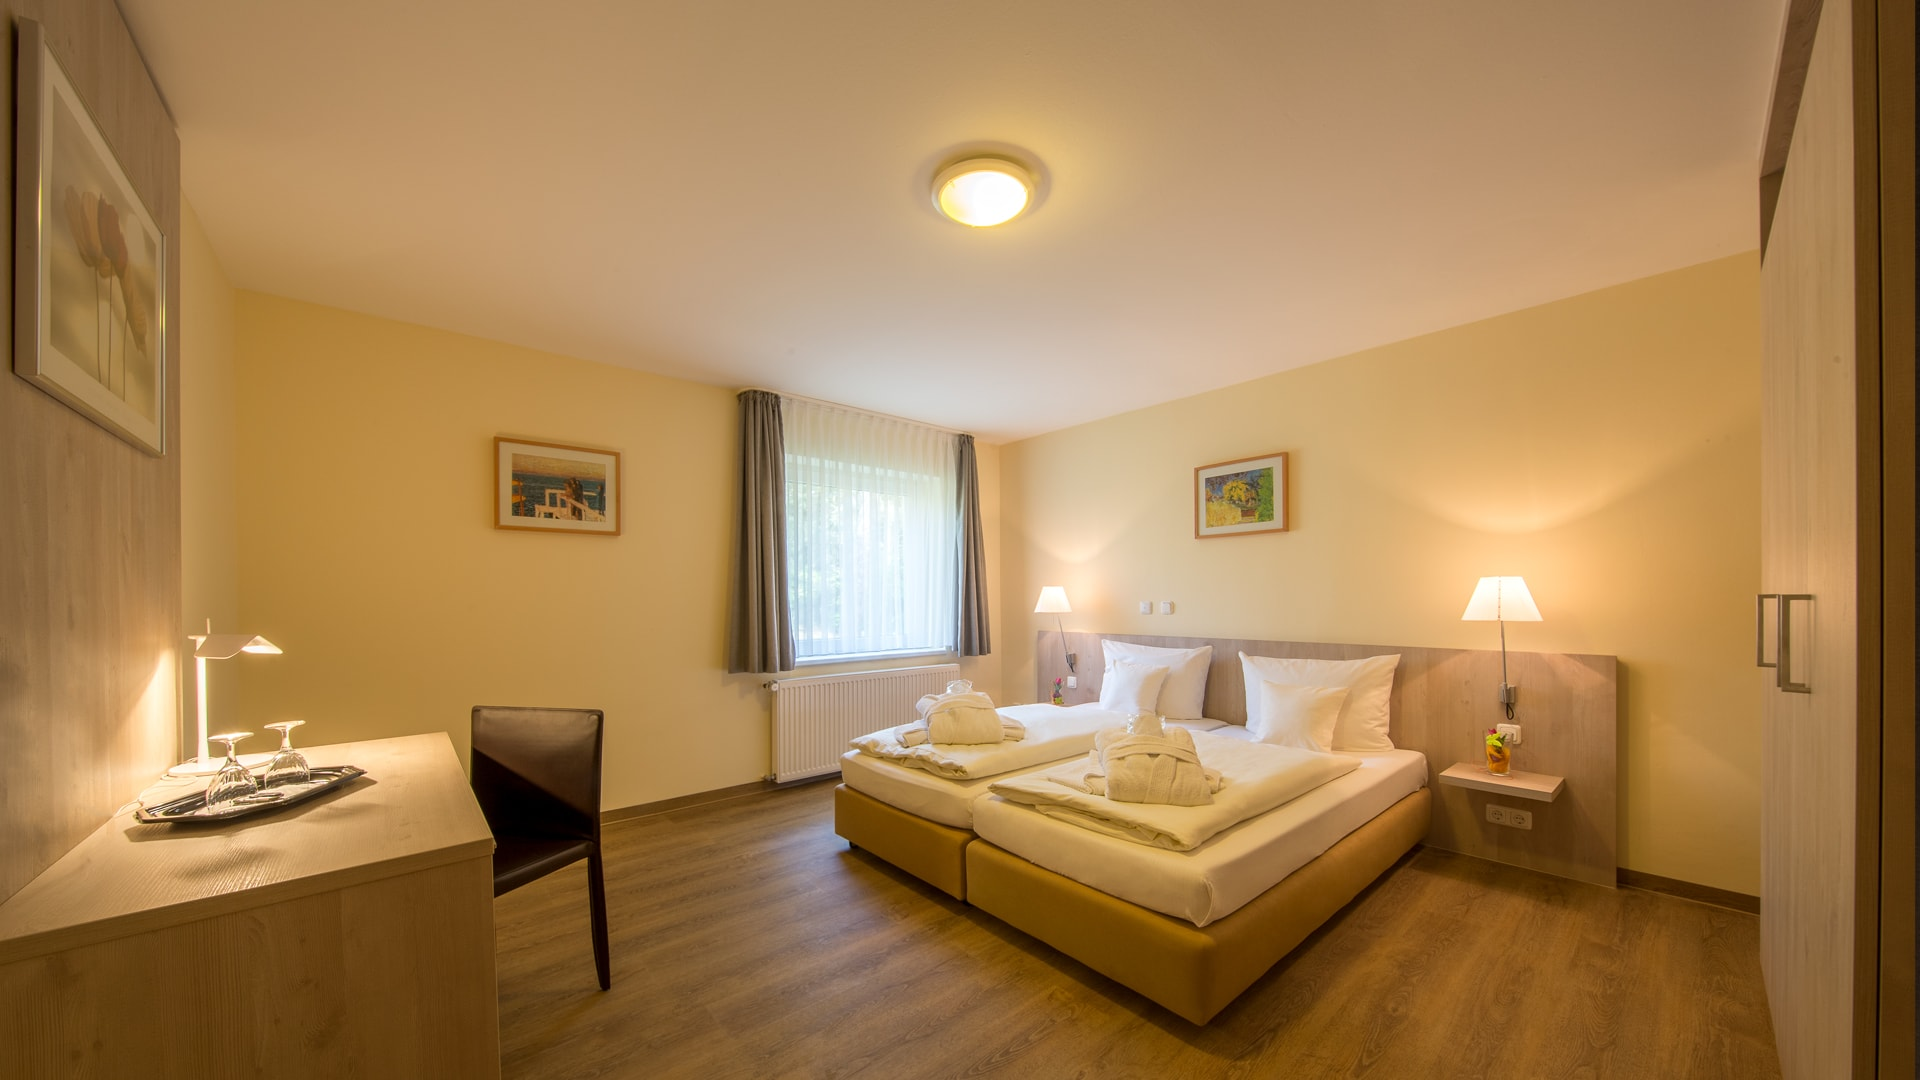 14 Michels_Hotels_Waldresidenz_Bernau_Ferienwohnung_B403_Schlafzimmer